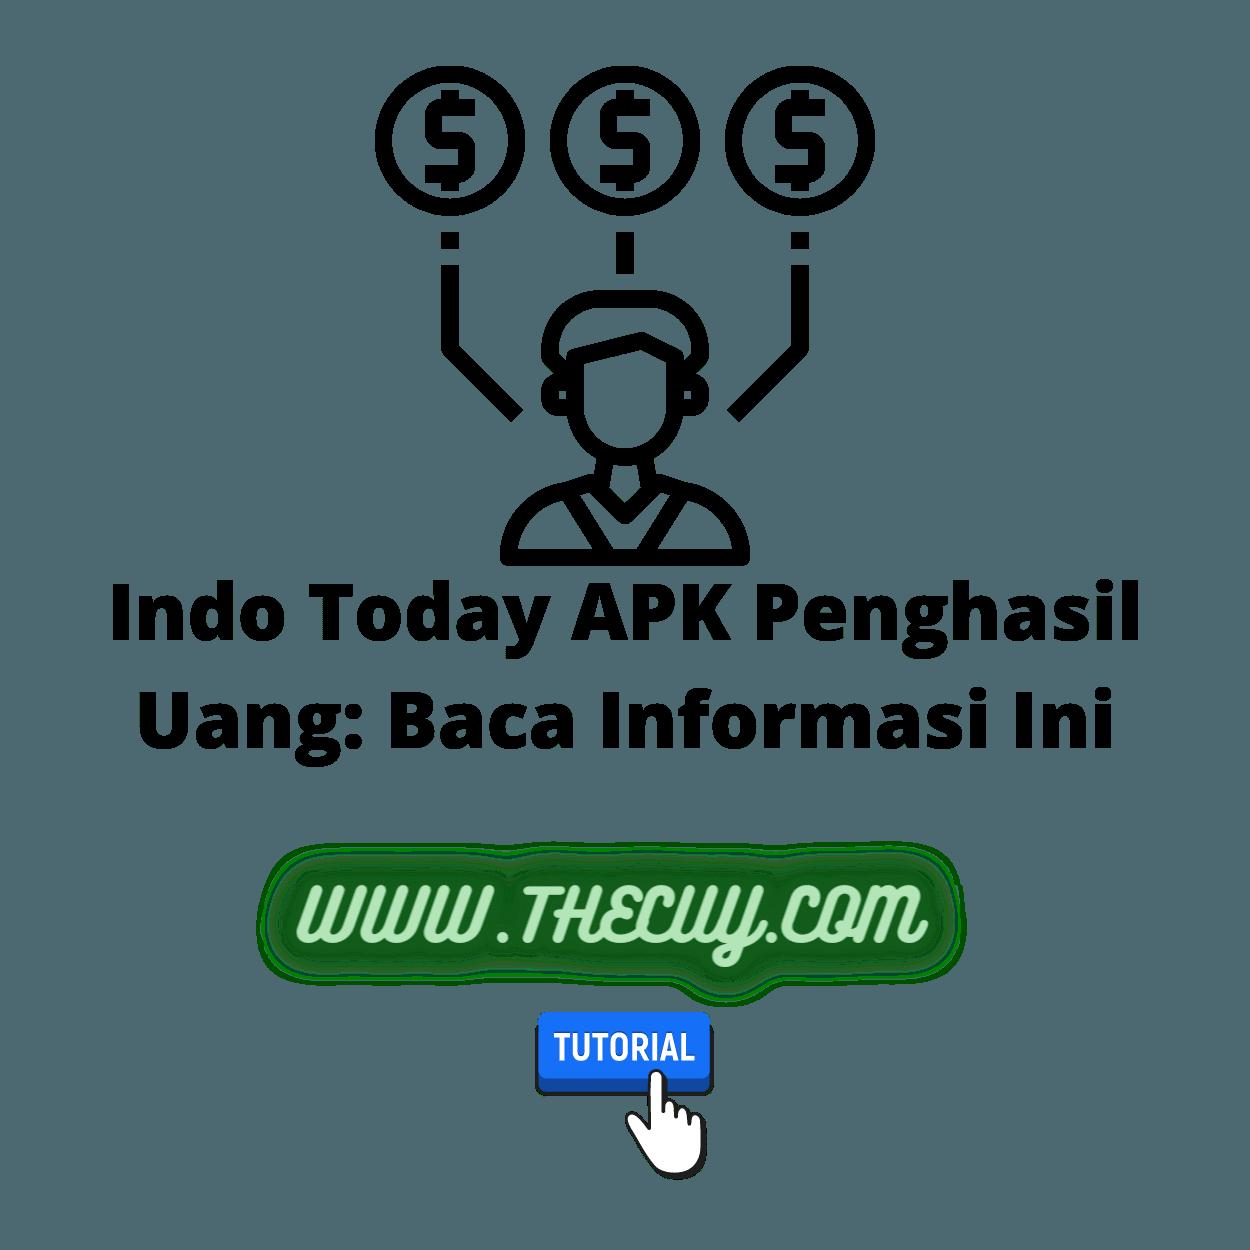 Indo Today APK Penghasil Uang: Baca Informasi Ini